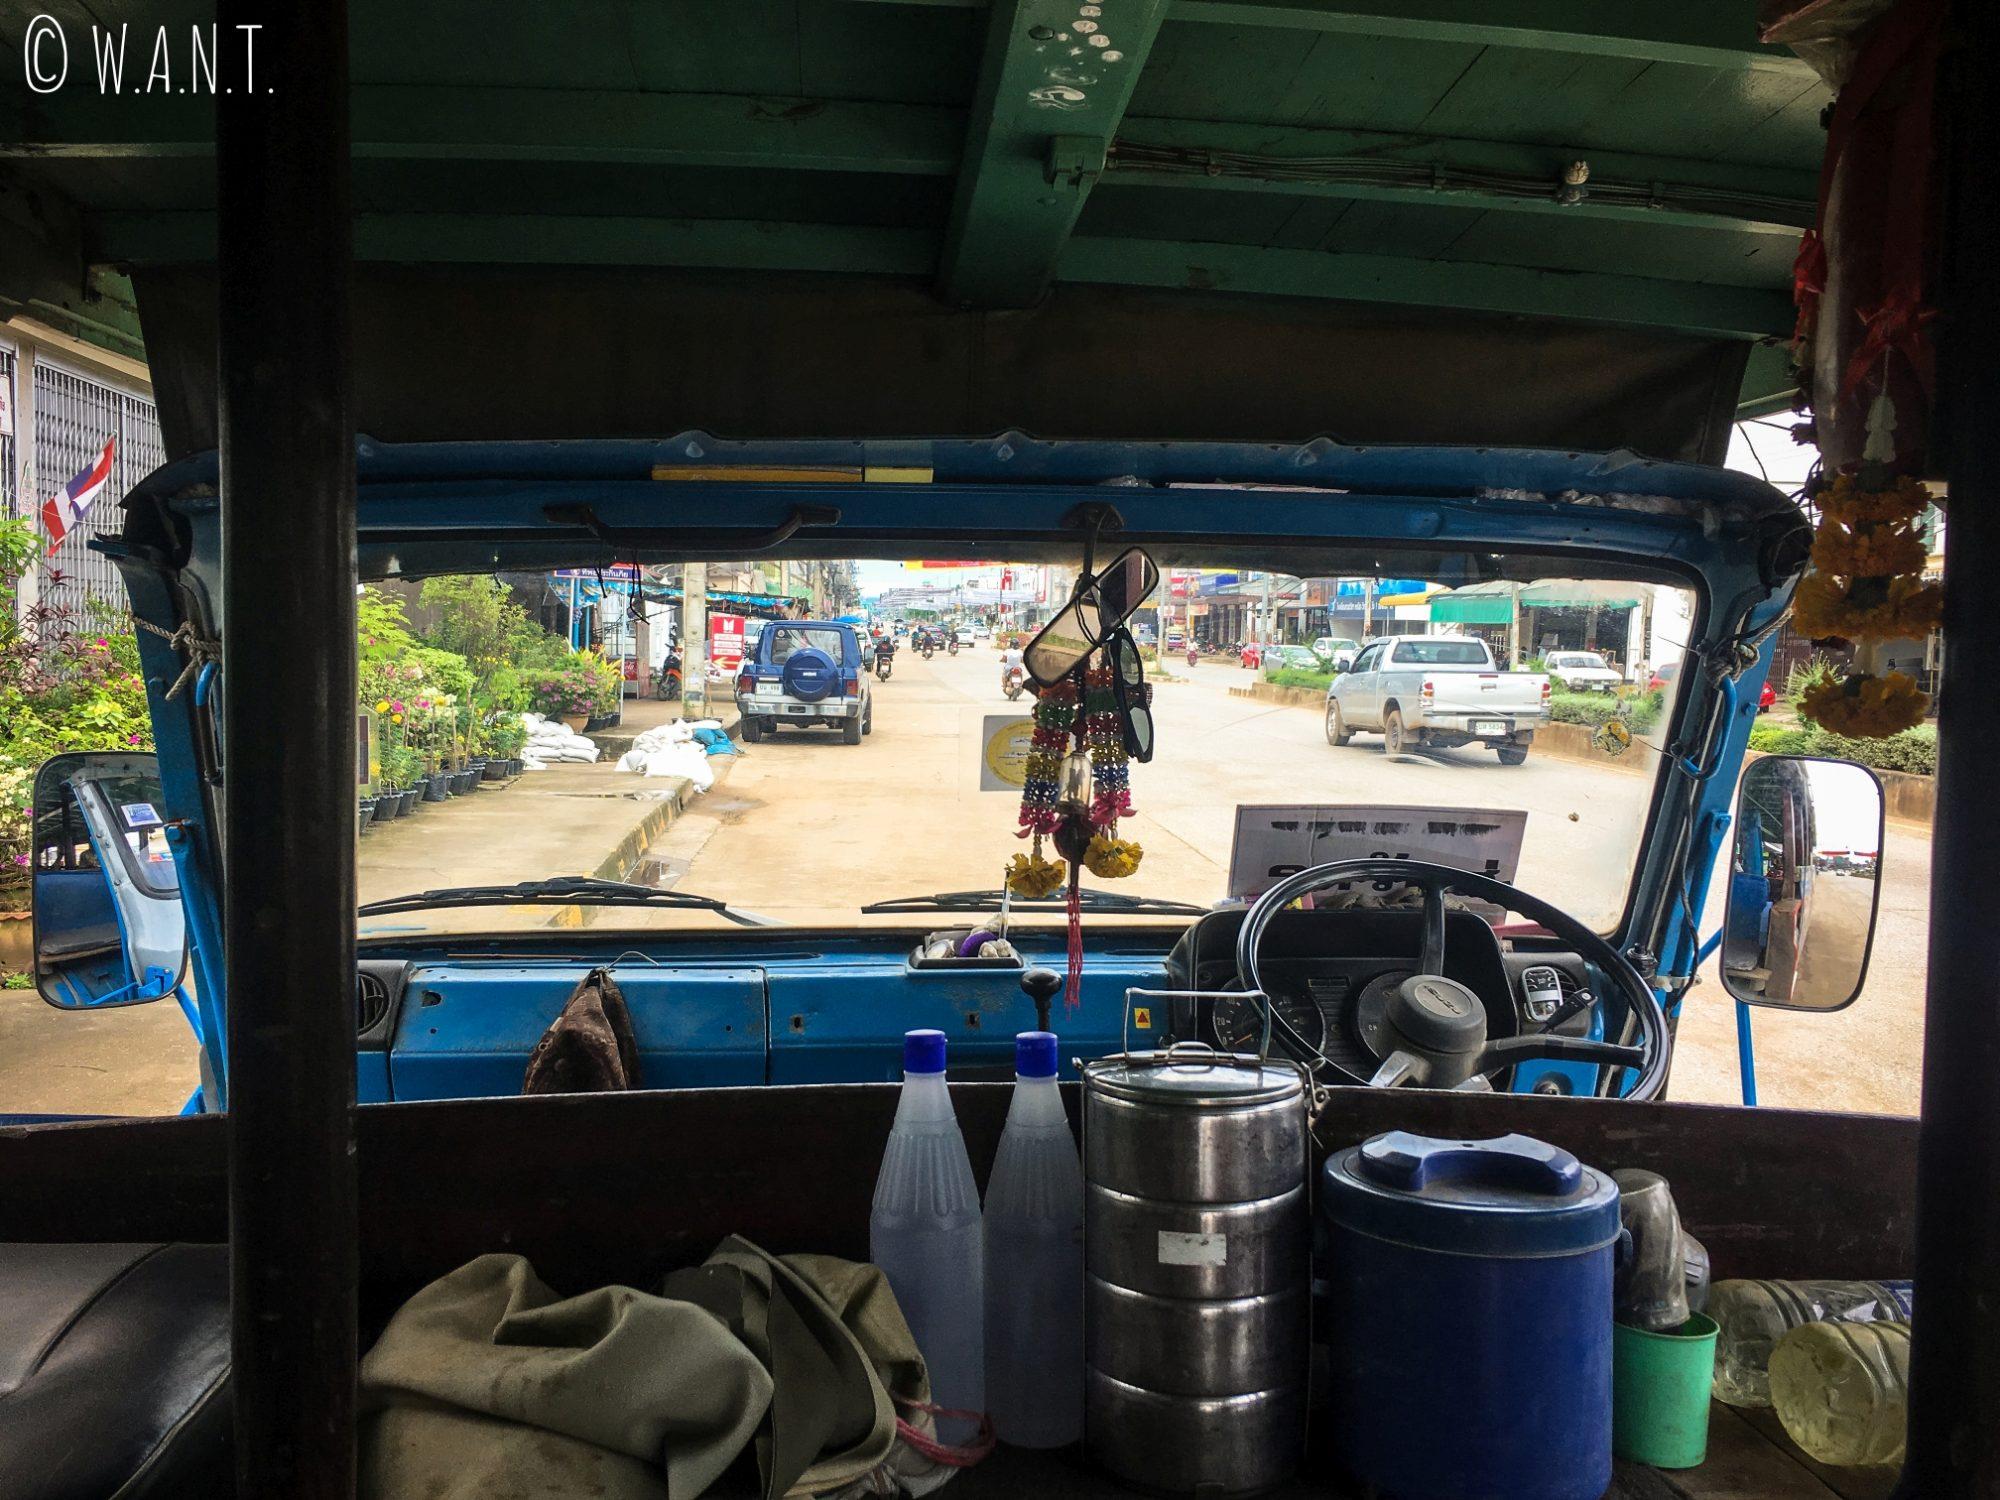 Cabine de pilotage de la navette nous conduisant de New Sukhothai à Old Sukhothai